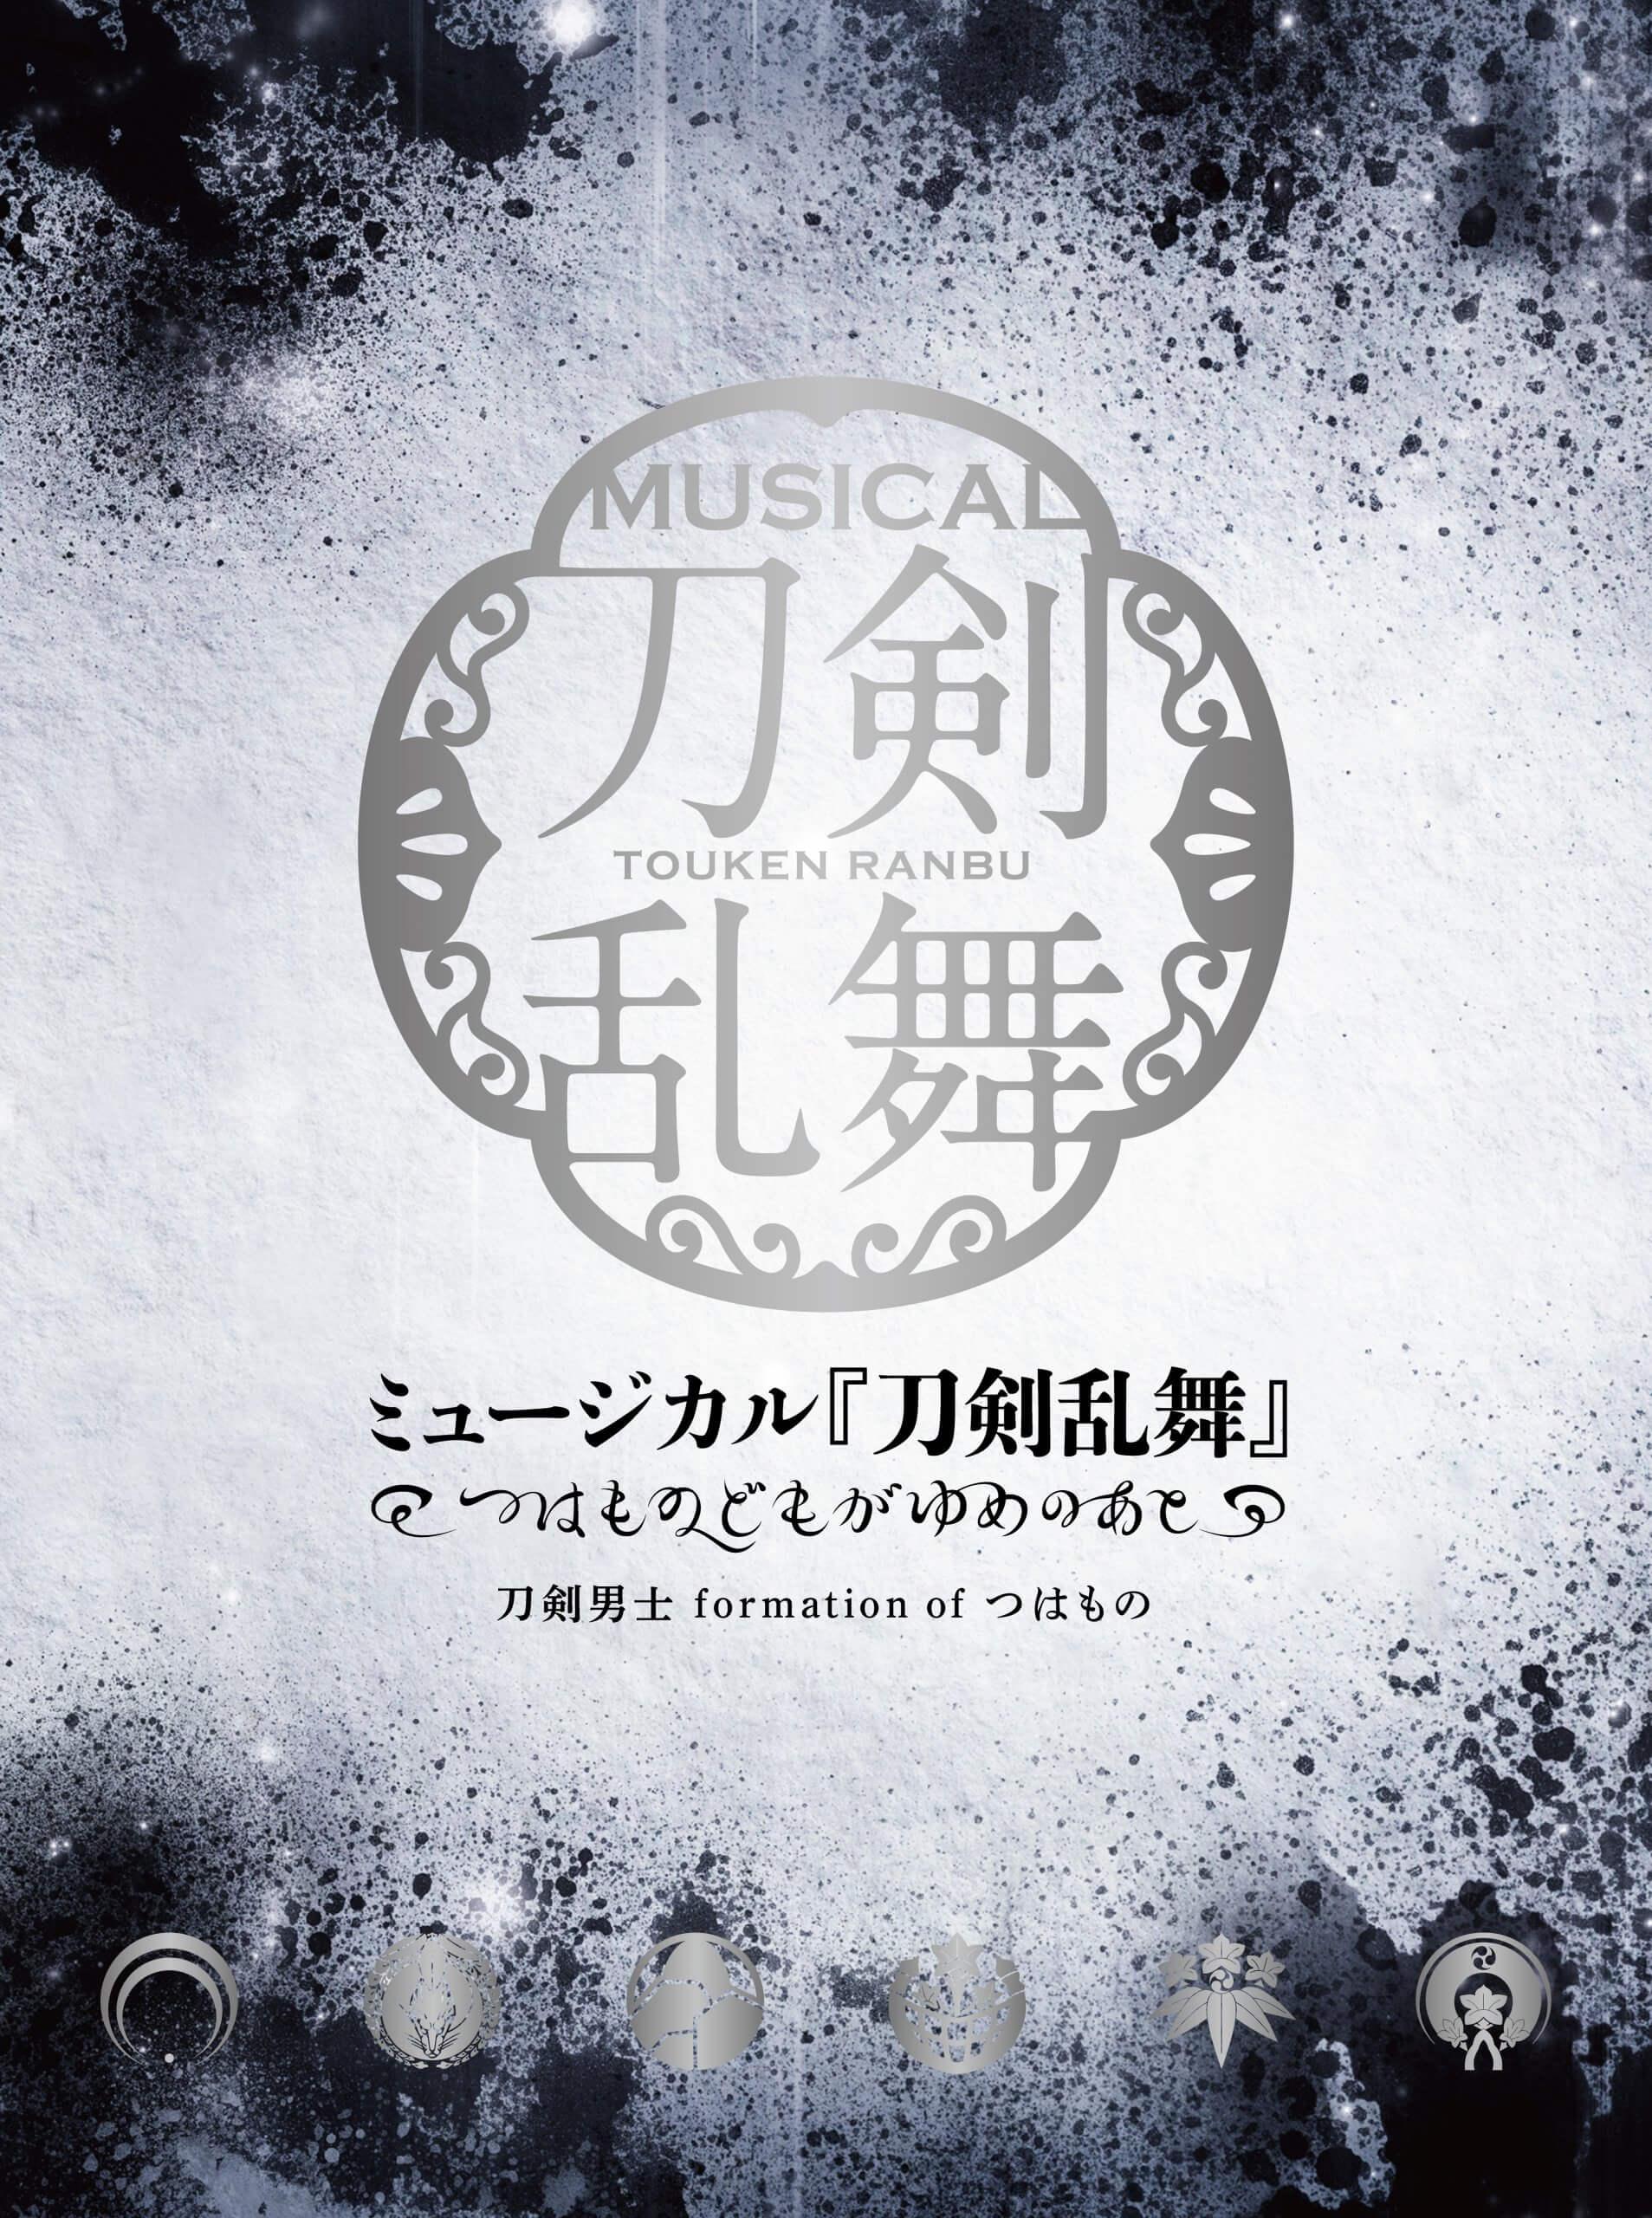 EMPC-79 / ミュージカル『刀剣乱舞』 〜つはものどもがゆめのあと〜[初回限定盤B] / 刀剣男士 formation of つはもの / CD